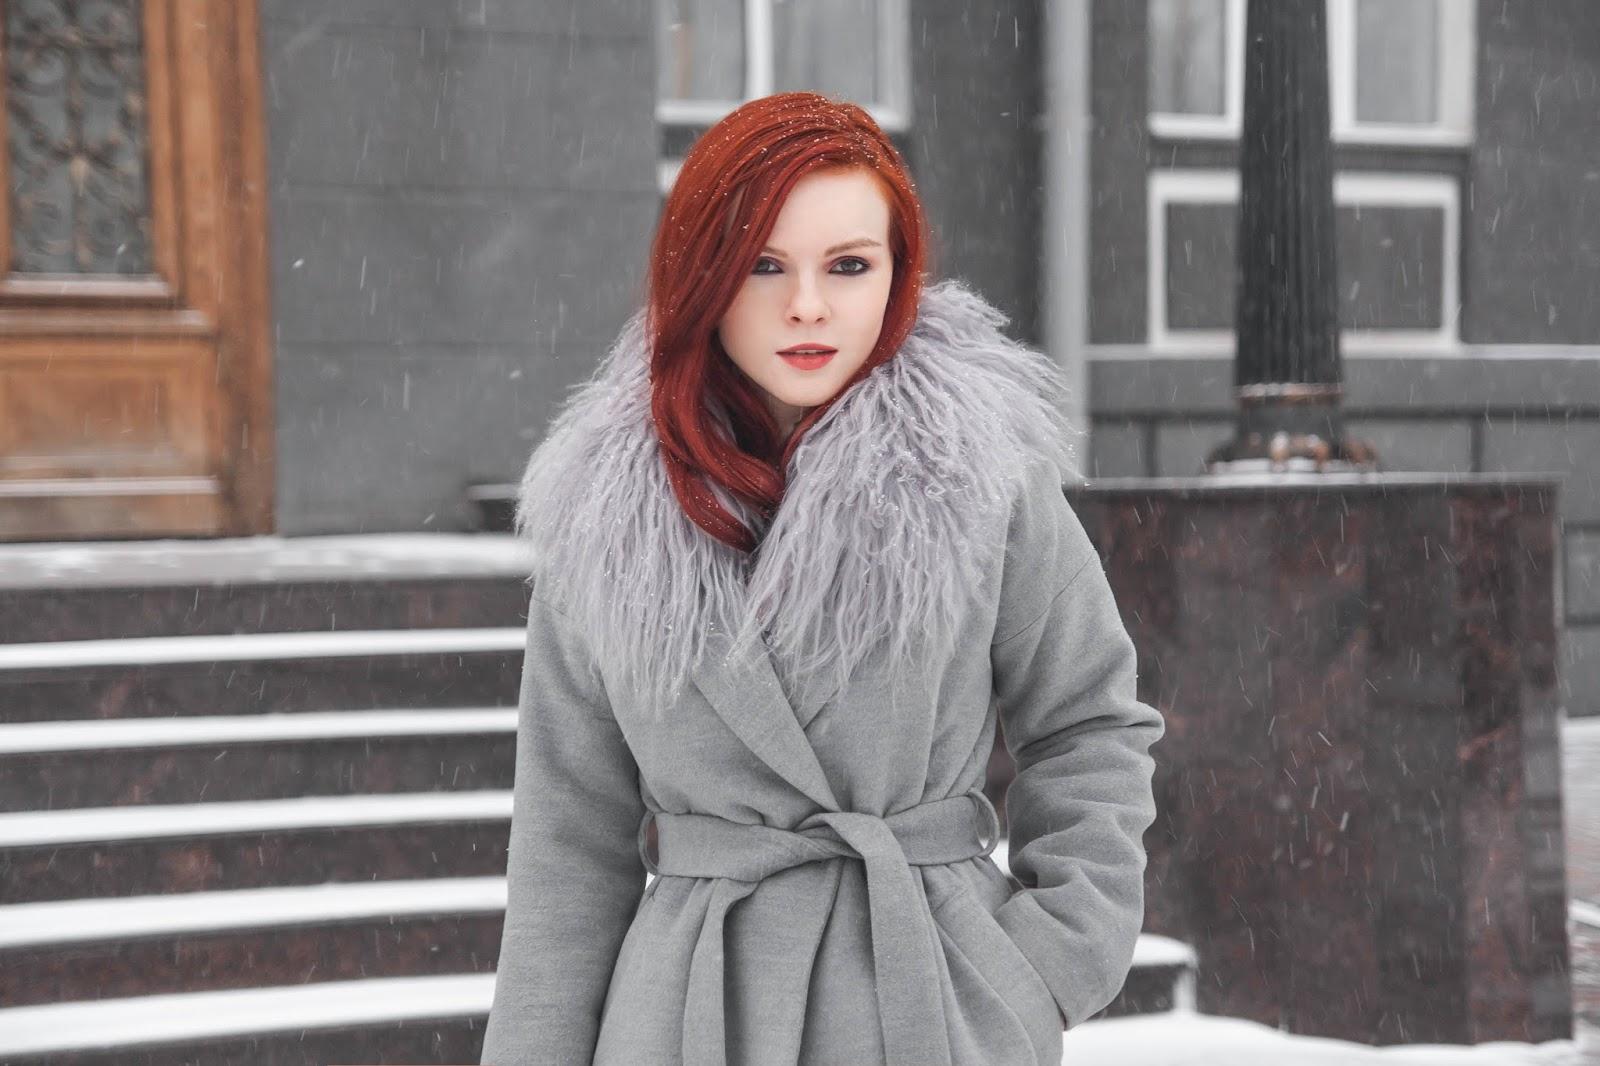 http://www.recklessdiary.ru/2018/01/dresslily-otzyvy-s-chem-nosit-seroe-palto-krasnye-sapogi-vintazhnoe-plate.html